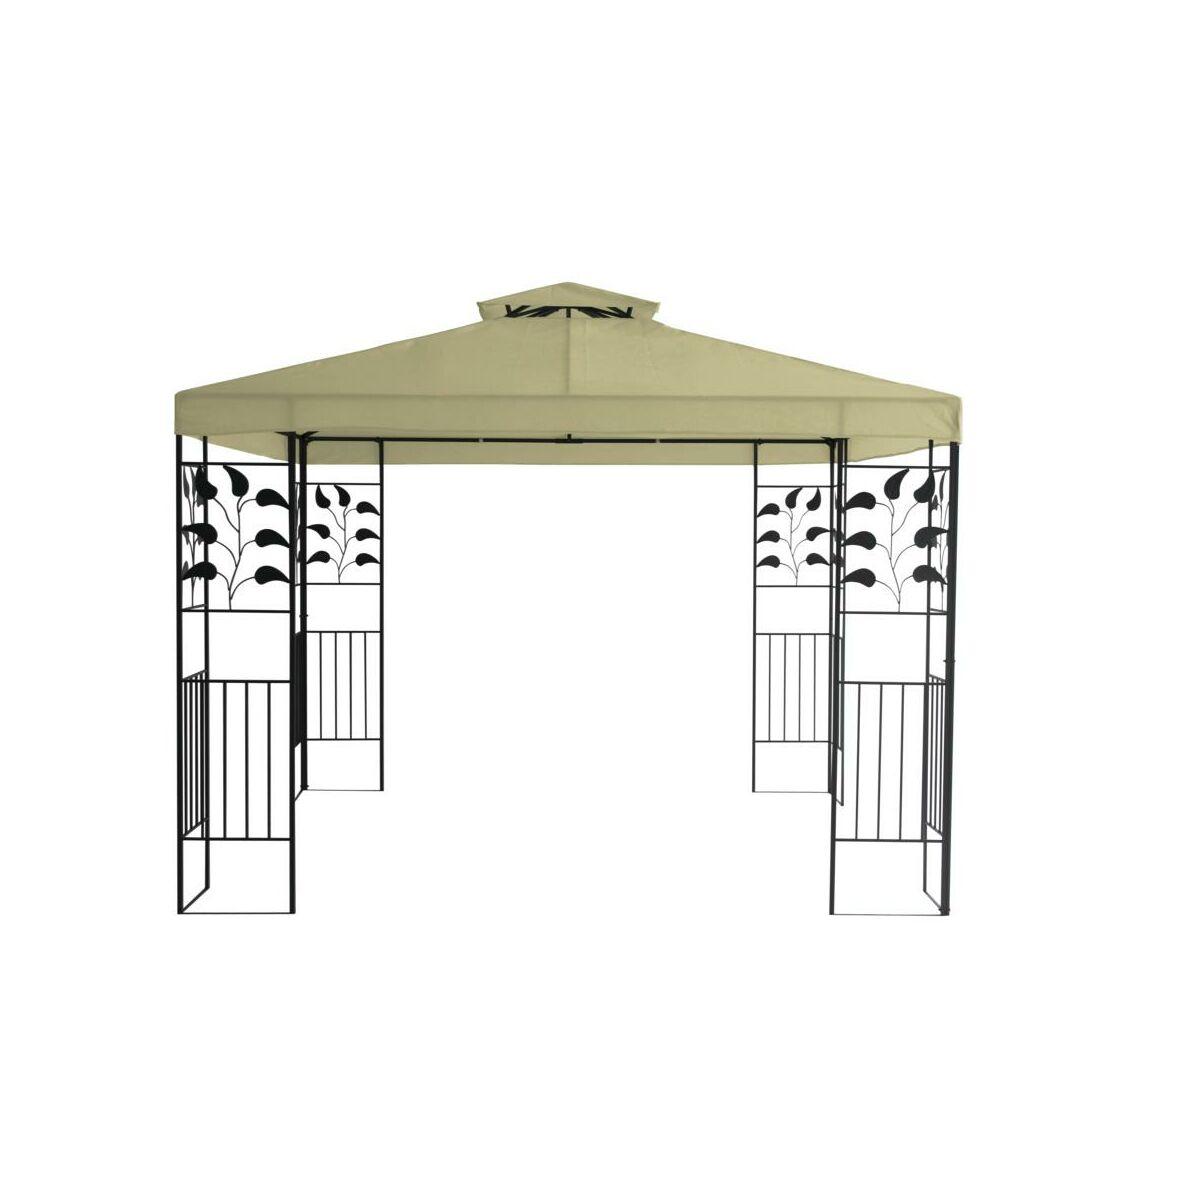 Pawilony ogrodowe pawilony parasole markizy w sklepach for Gazebo bianco leroy merlin